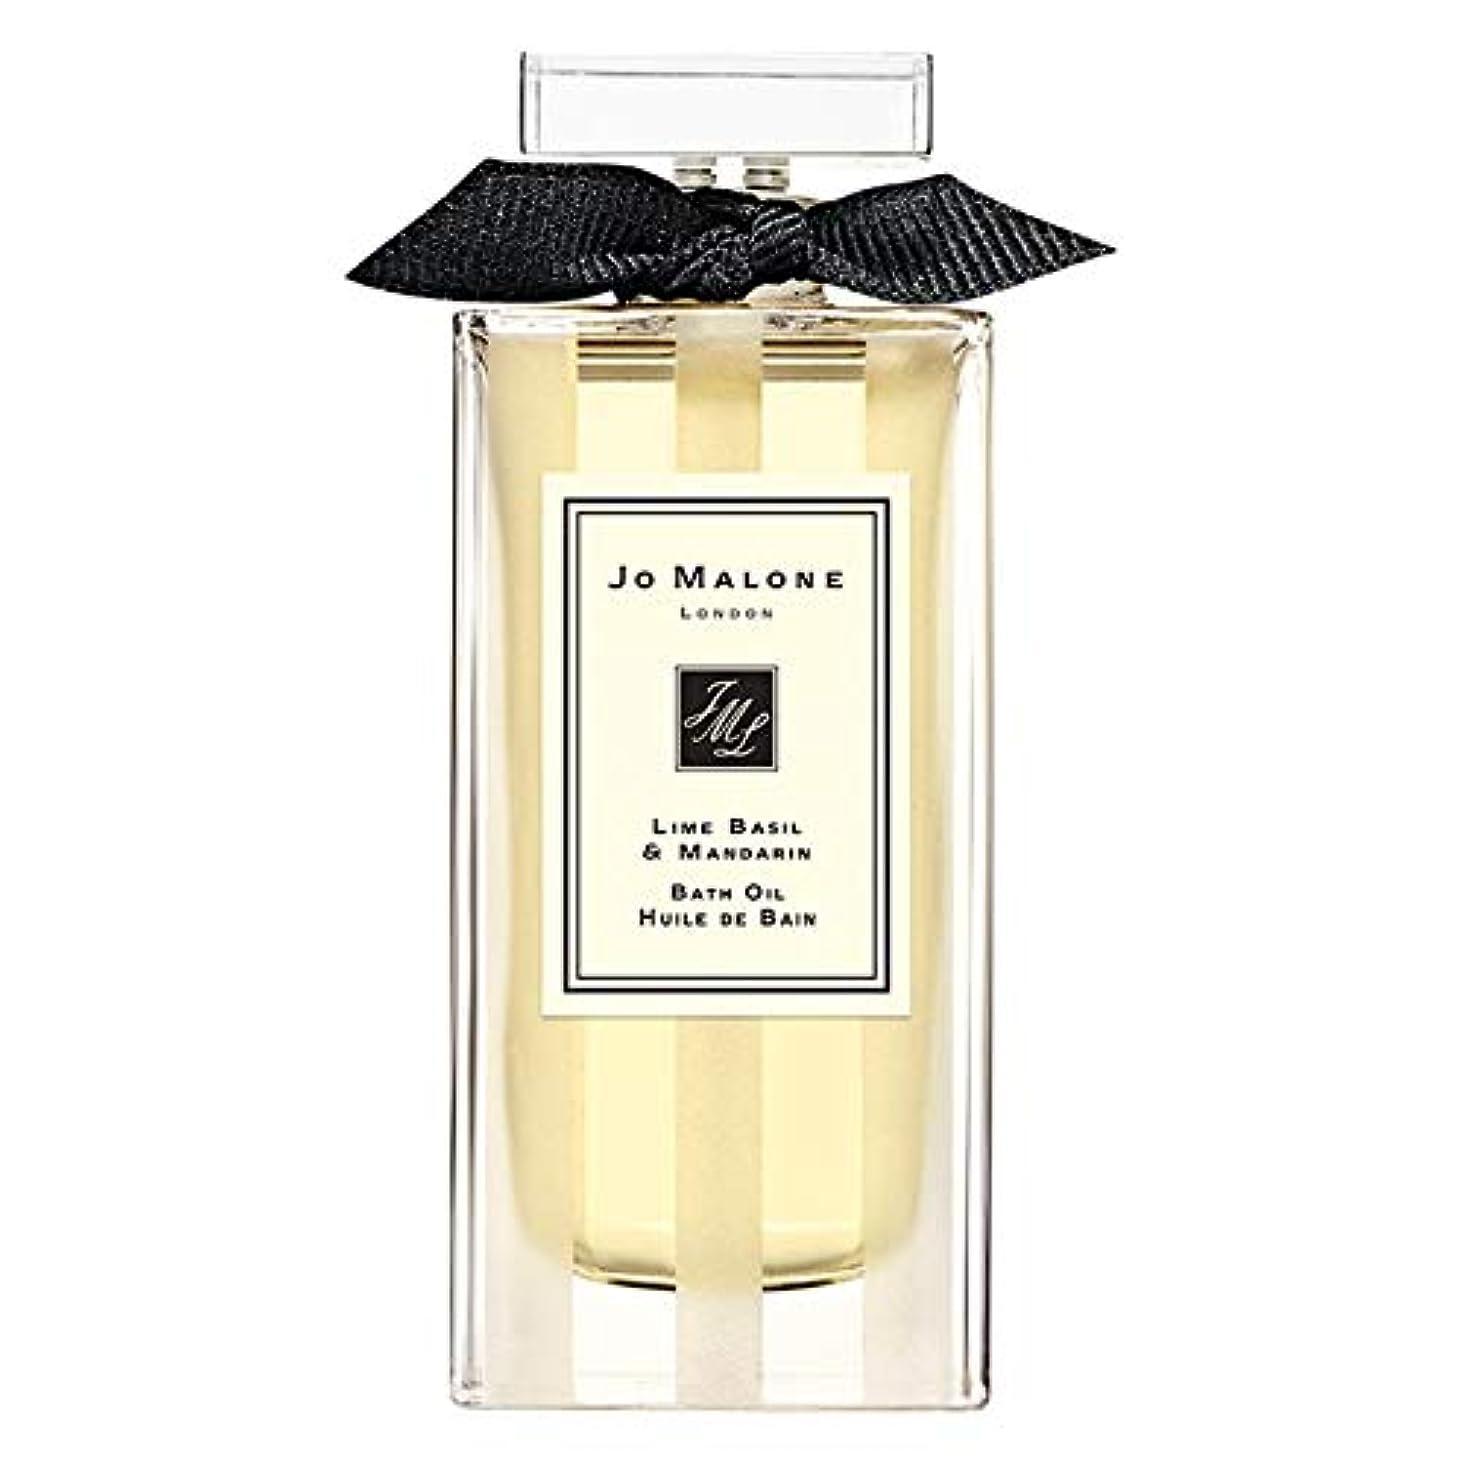 バーマド計り知れない作ります[Jo Malone ] ジョーマローンロンドンライムバジル&マンダリンバスオイル30ミリリットル - Jo Malone London Lime Basil & Mandarin Bath Oil 30ml [並行輸入品]